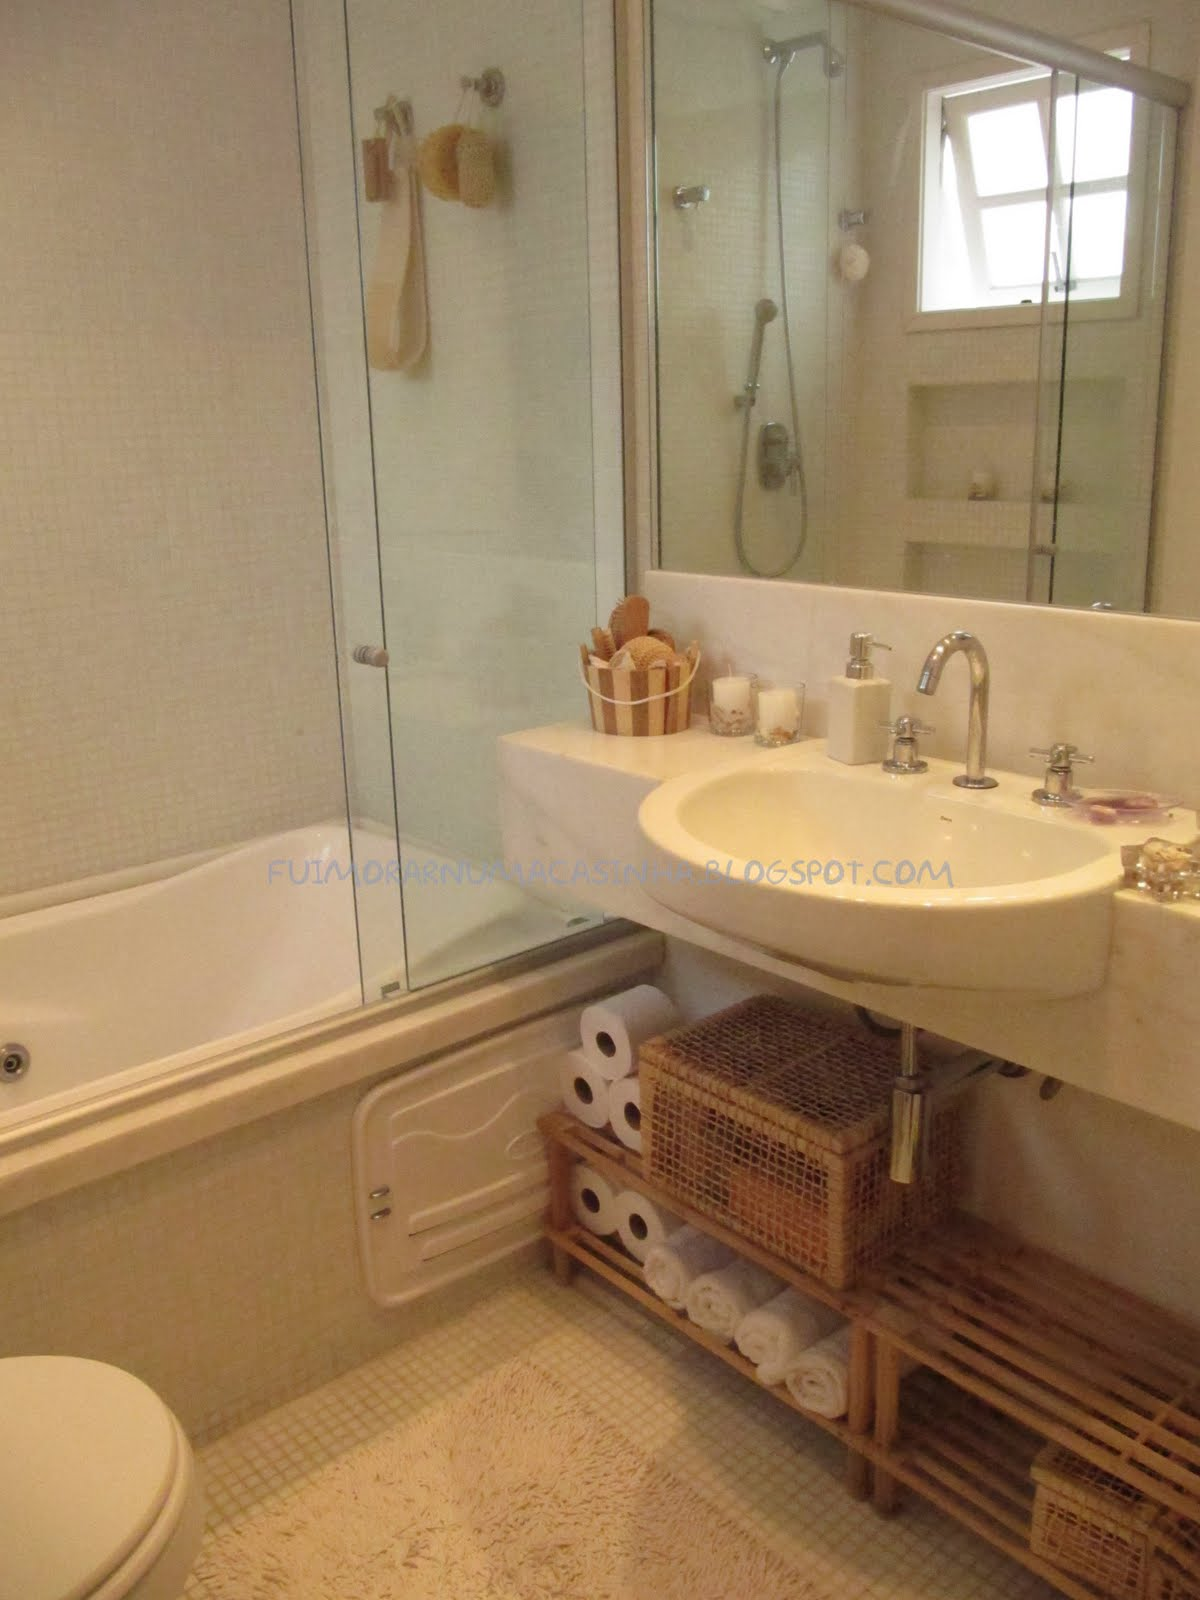 assim ao acabar o banho o banheiro não fica inteiro molhado #996F32 1200 1600